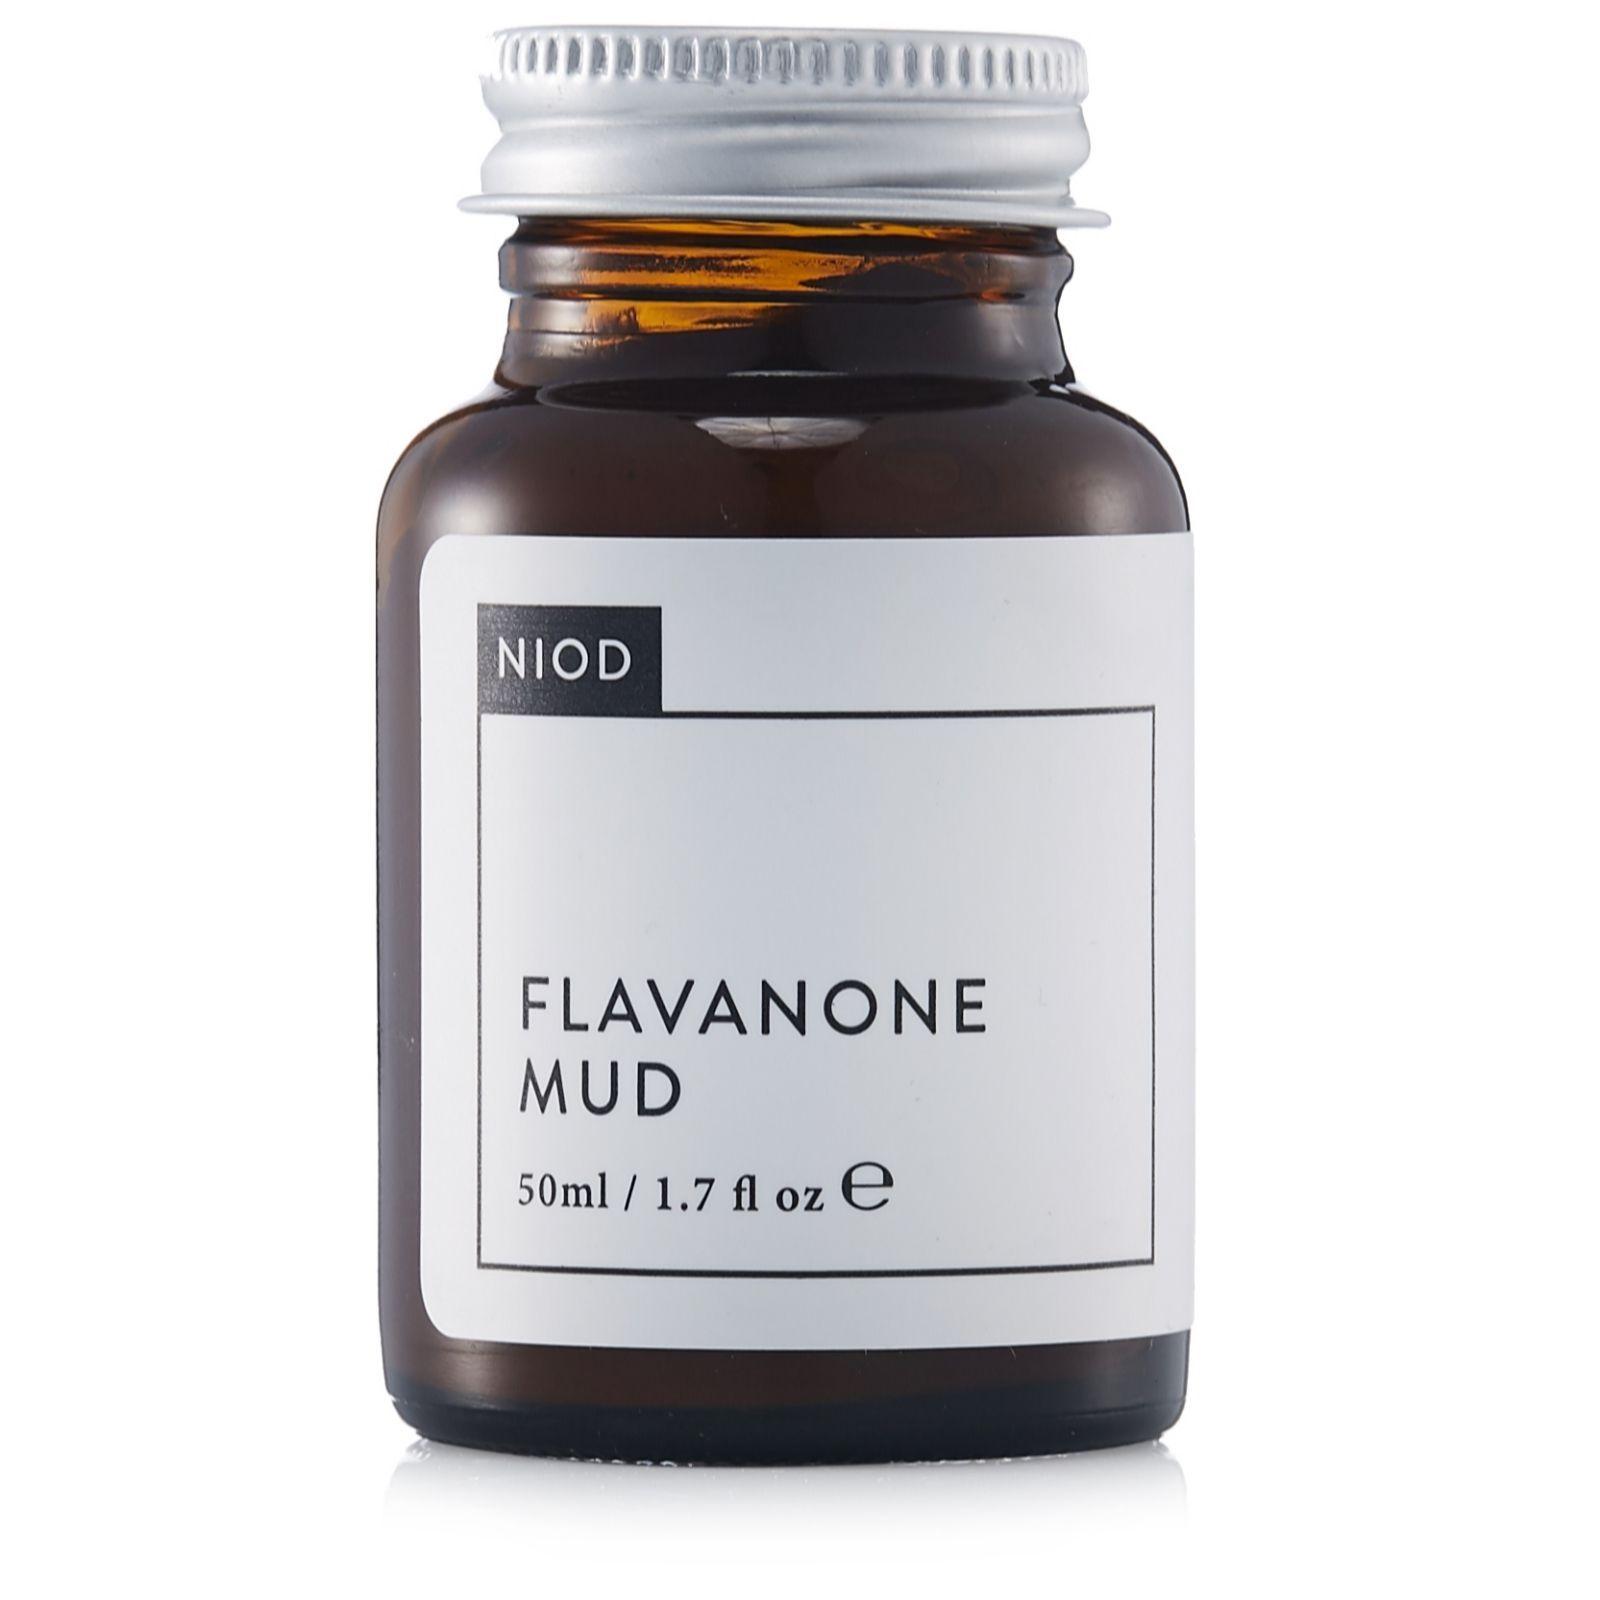 niod flavanone mud 50ml qvc price: £24.50   geezone - skincare, Badezimmer ideen